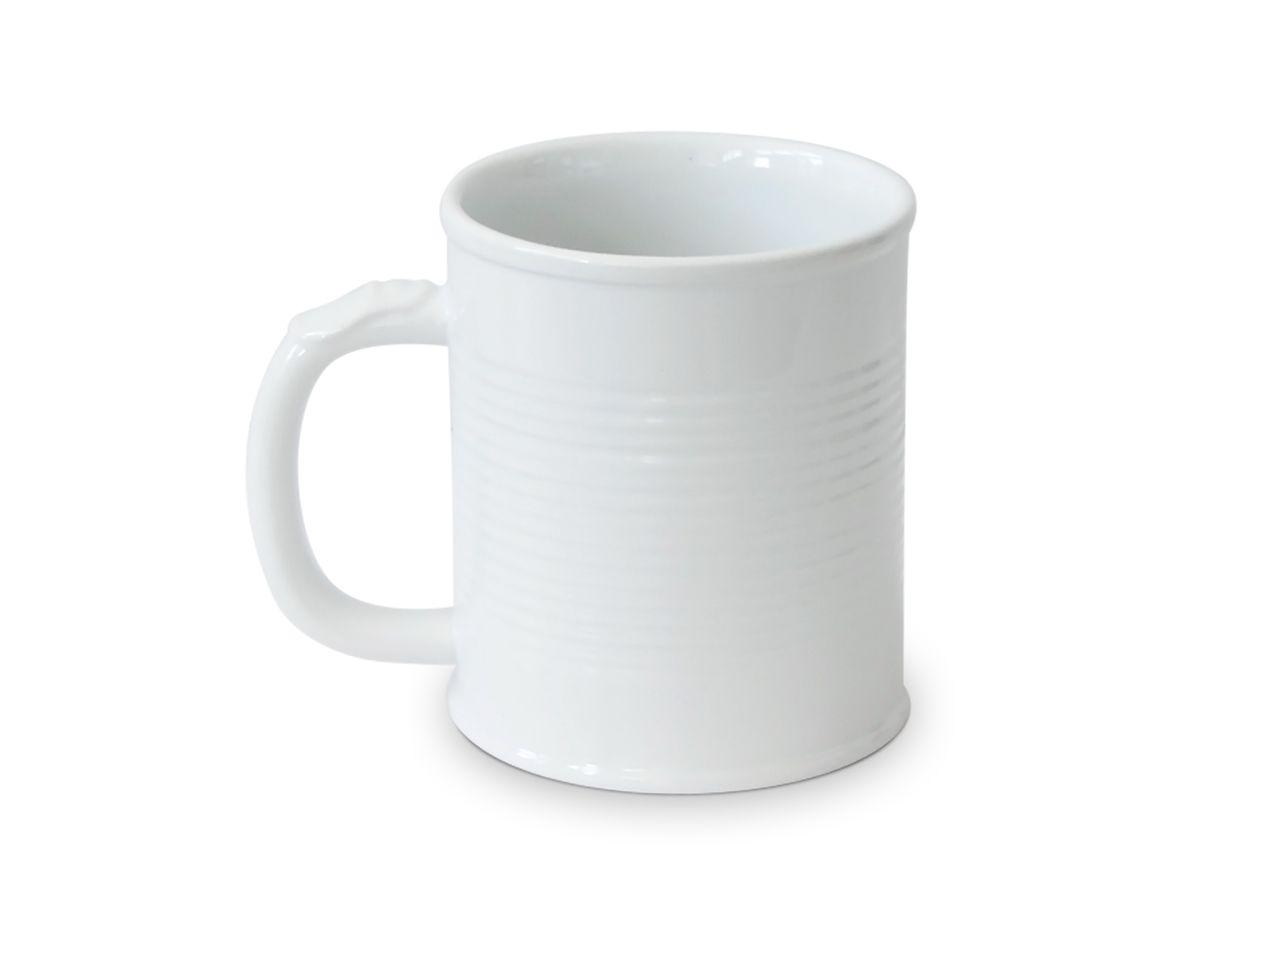 Caneca Lata 350Ml - Branco